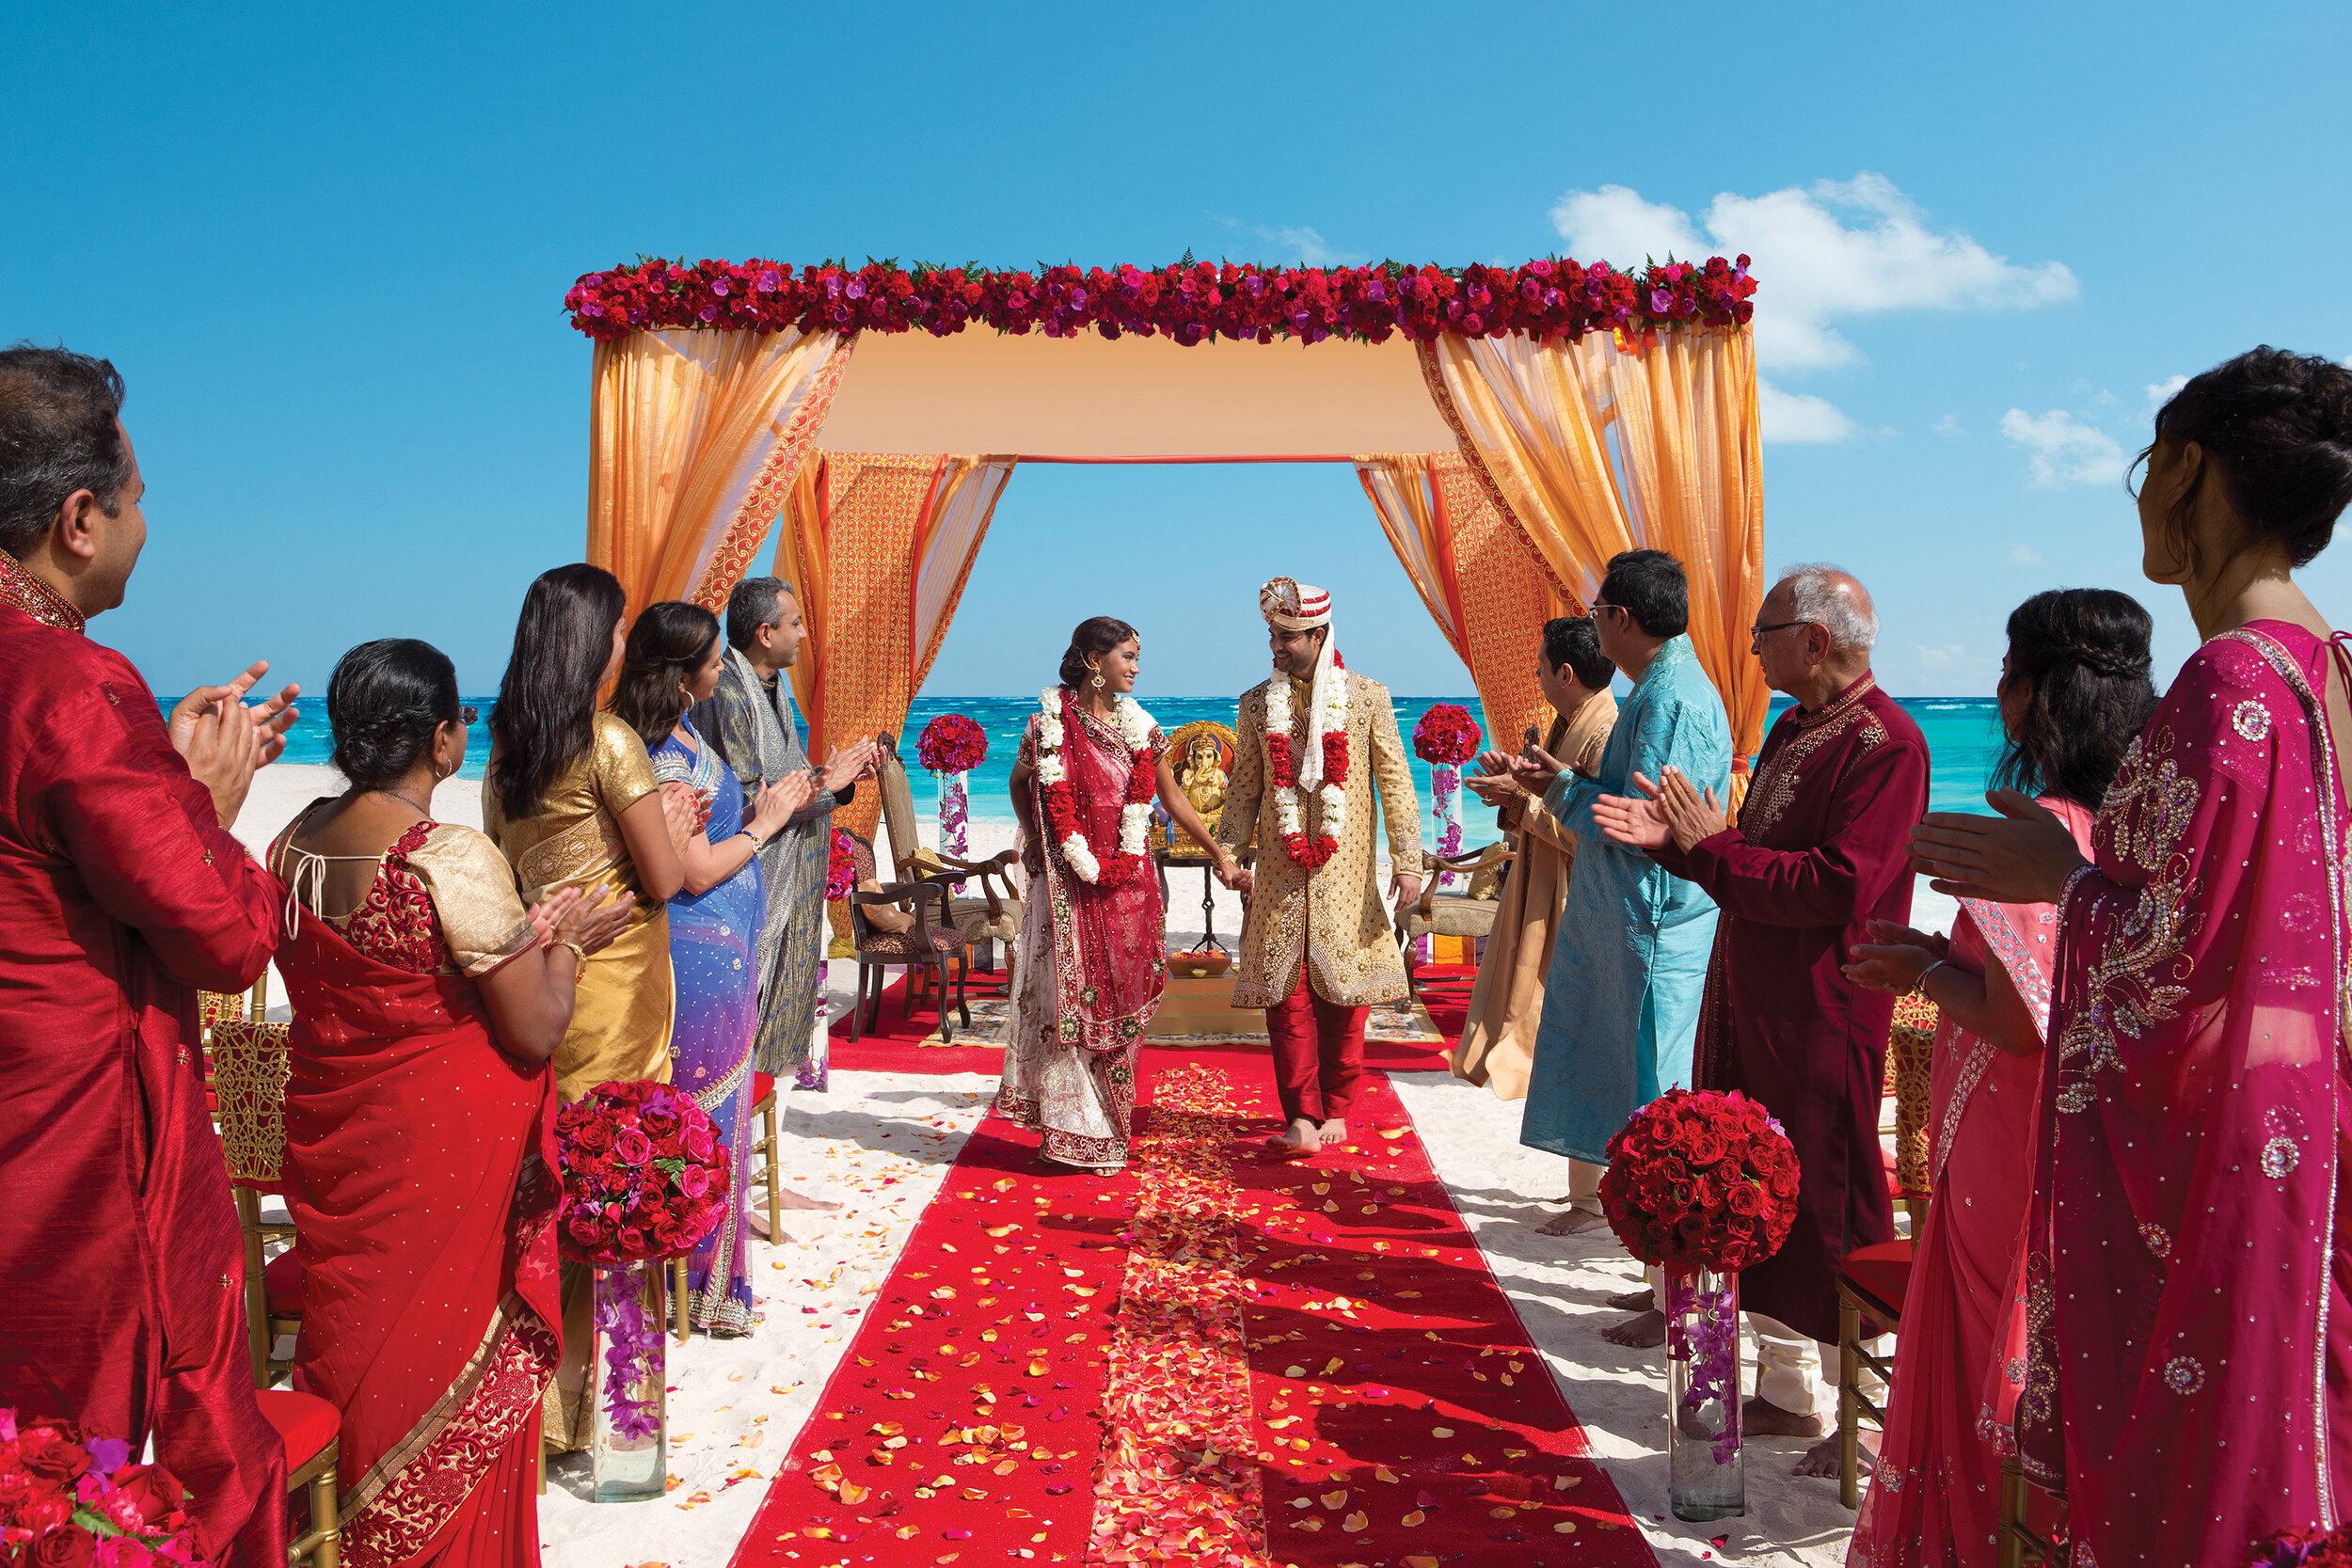 AMR_Hindu_Wedding_Beach_Guests1_2.jpg